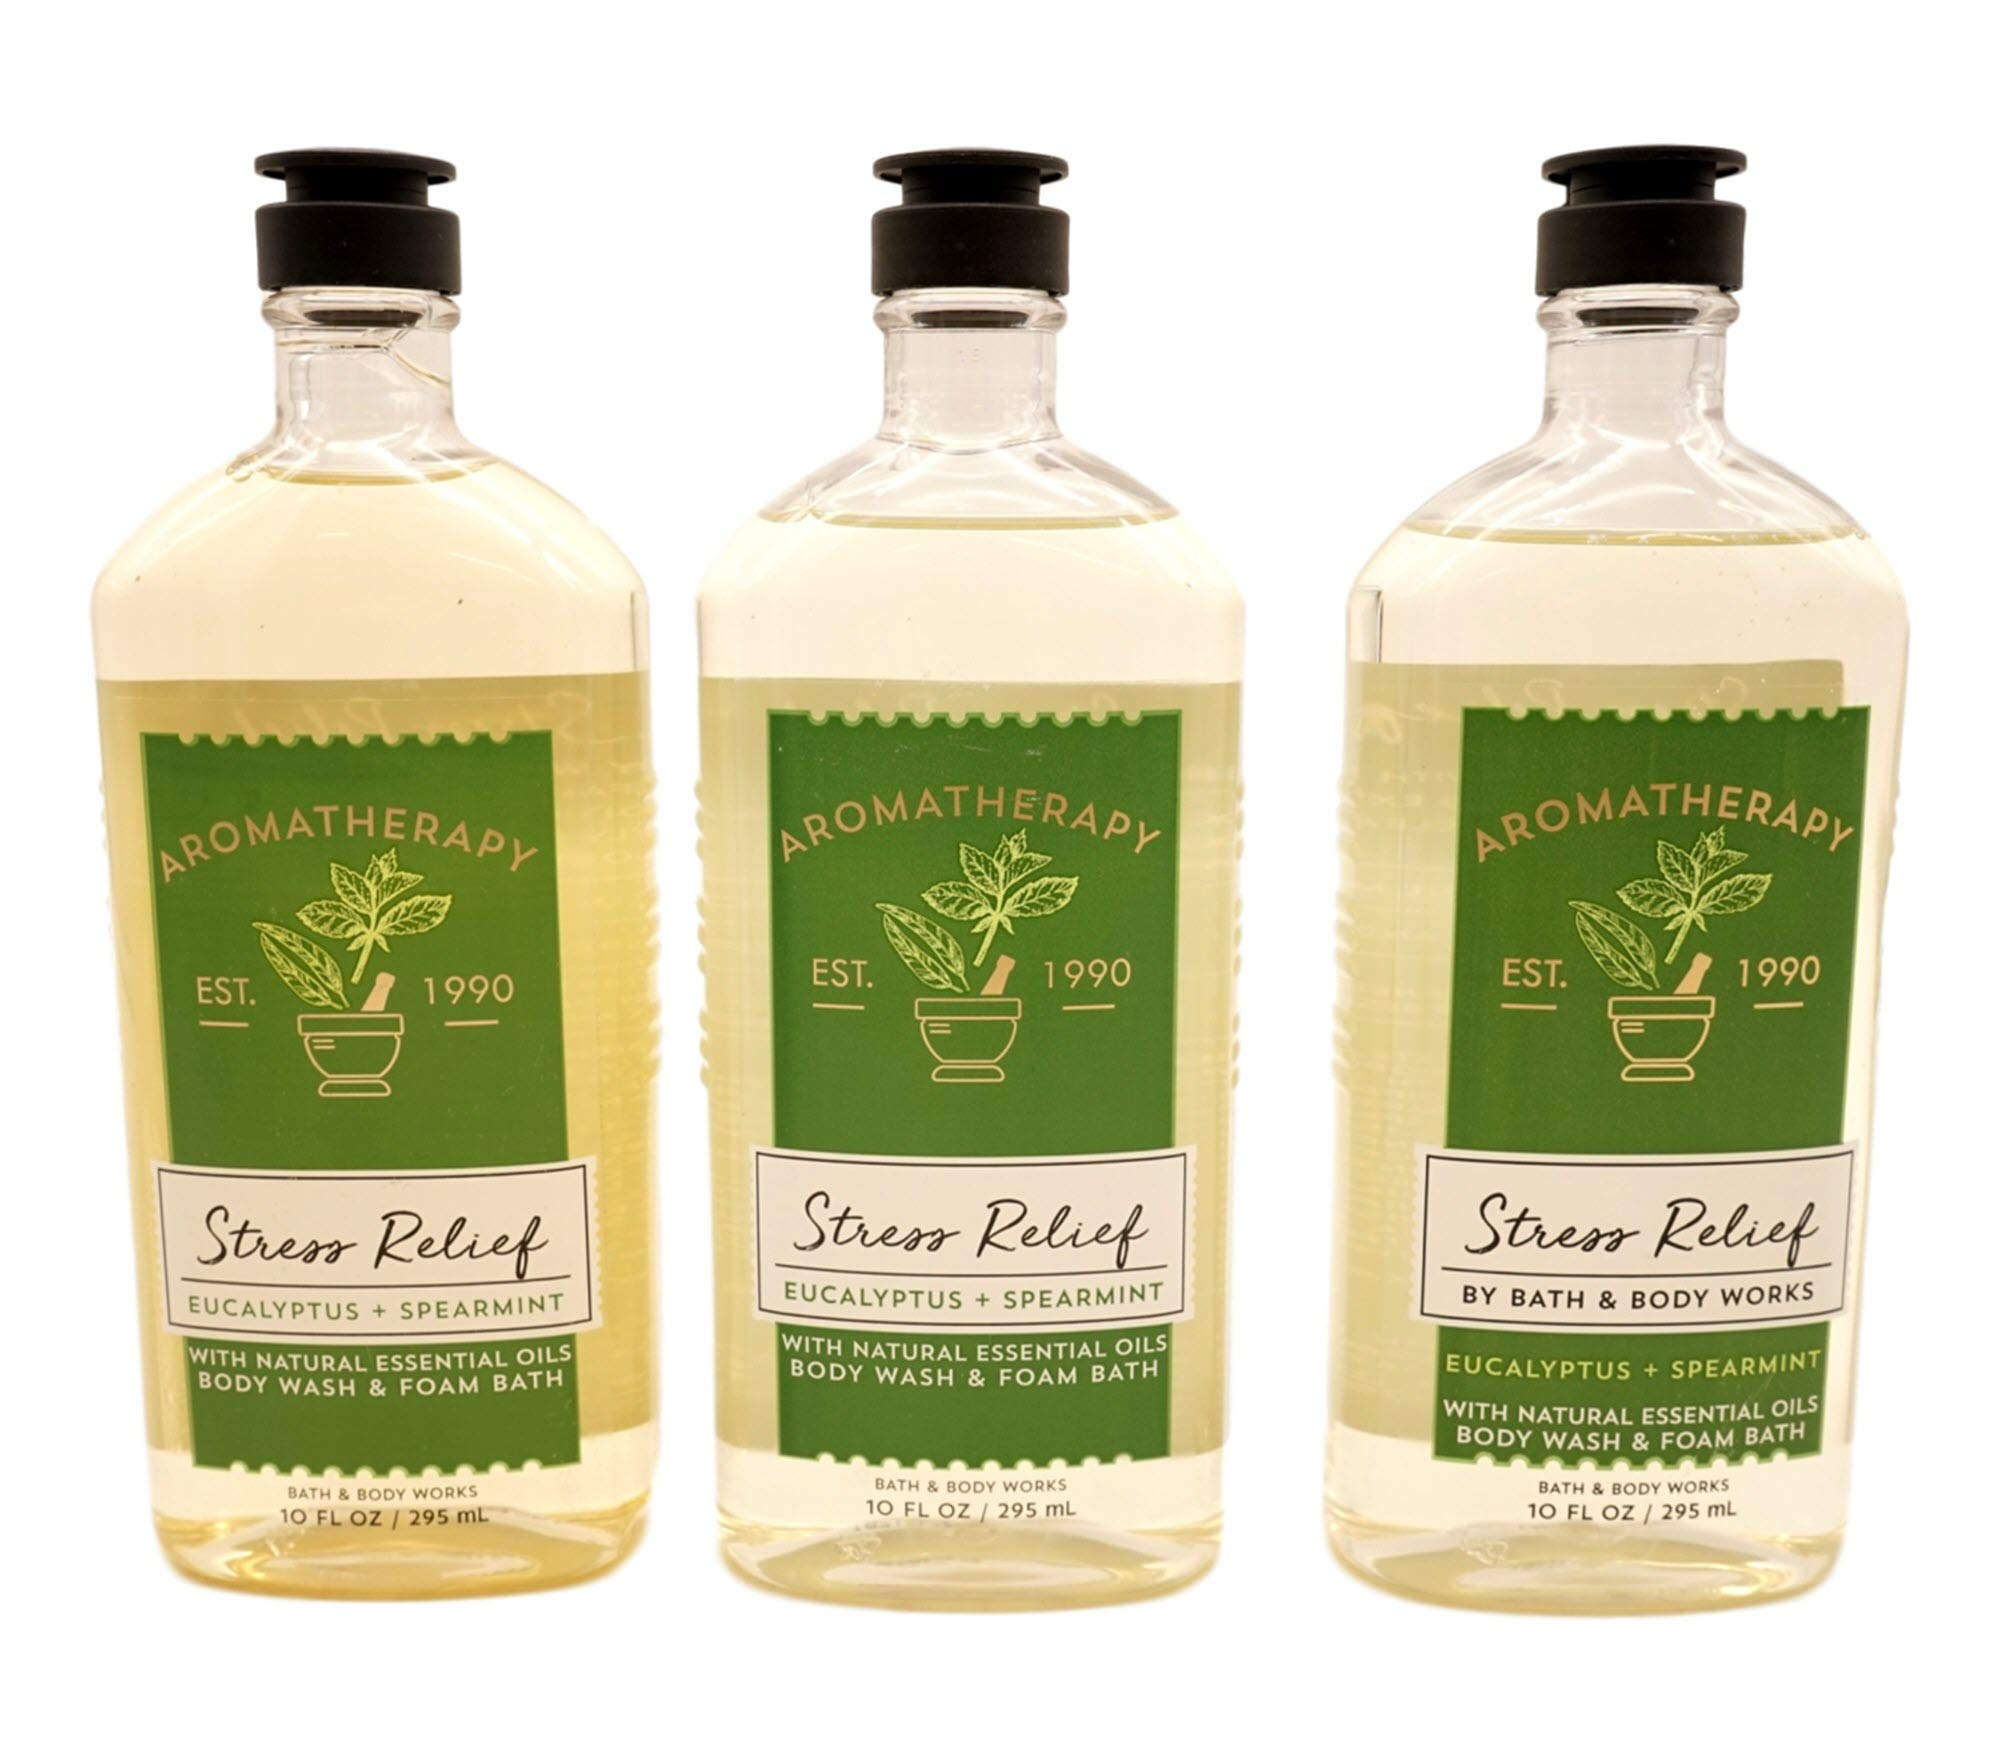 Bath & Body Works Aromatherapy Eucalyptus Spearmint Stress Relief Body Wash & Foam Bath, 10 fl oz per Bottle (3 Pack)